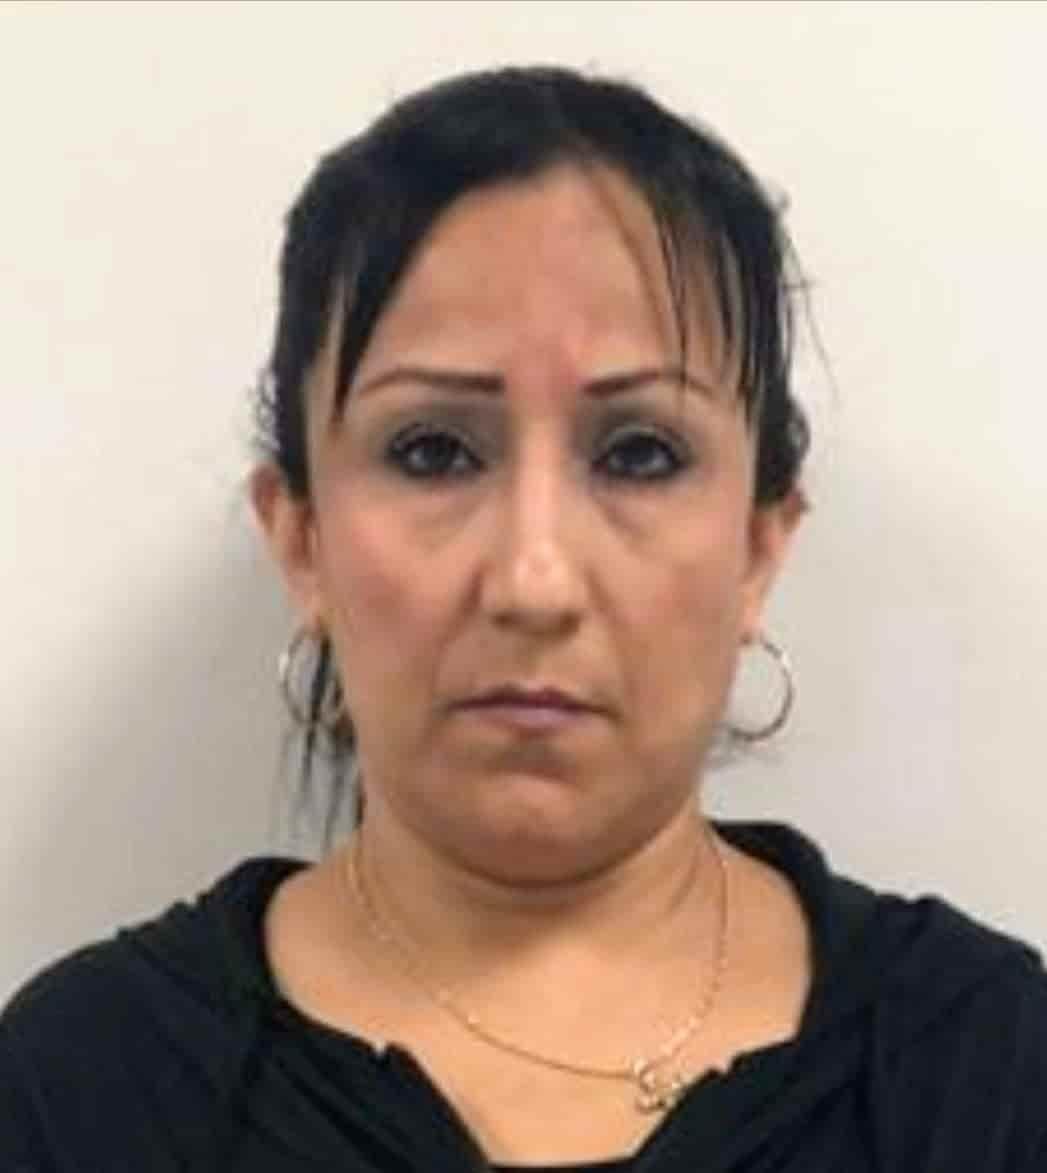 La mujer que contactó a una menor de edad y posteriormente la entregó a un hombre, quien abusó sexualmente de ella, fue sentenciada a 15 años de cárcel